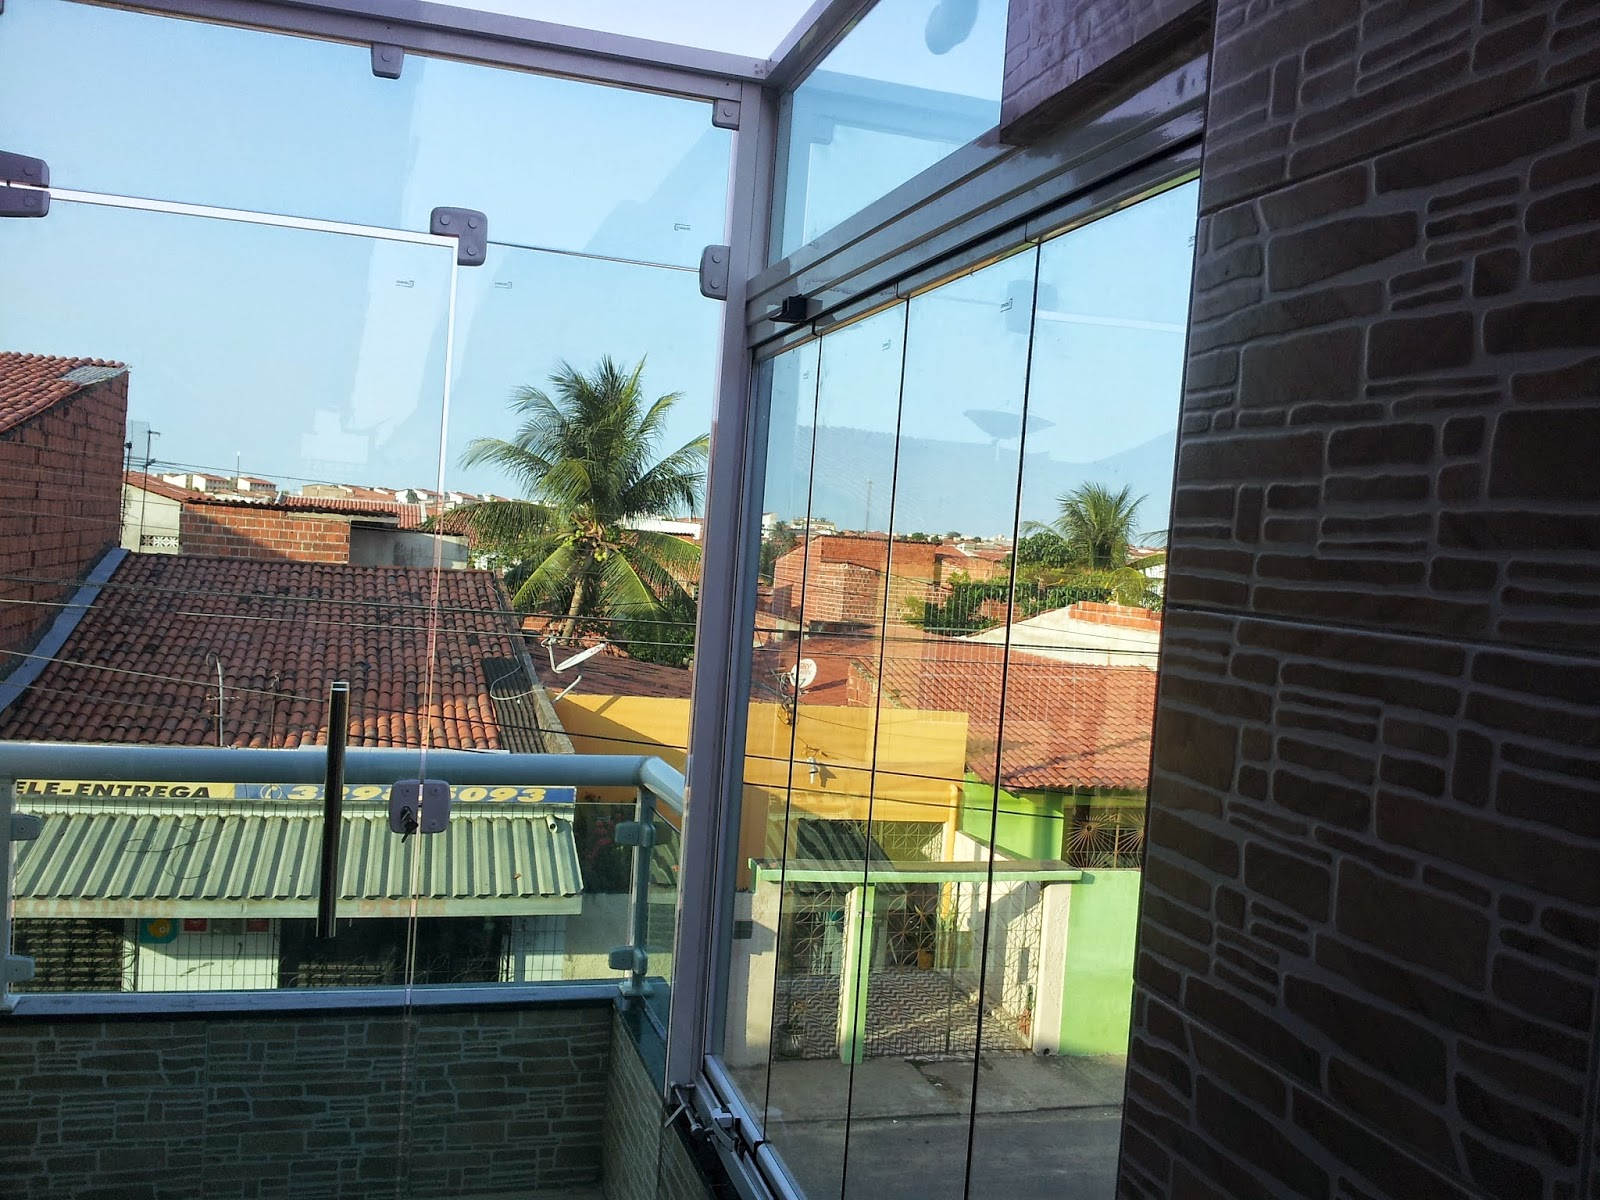 #267FA5 Criativo Vidraçaria: Cortina de vidro em Fortaleza 92 Janelas De Vidro Em Fortaleza Ce